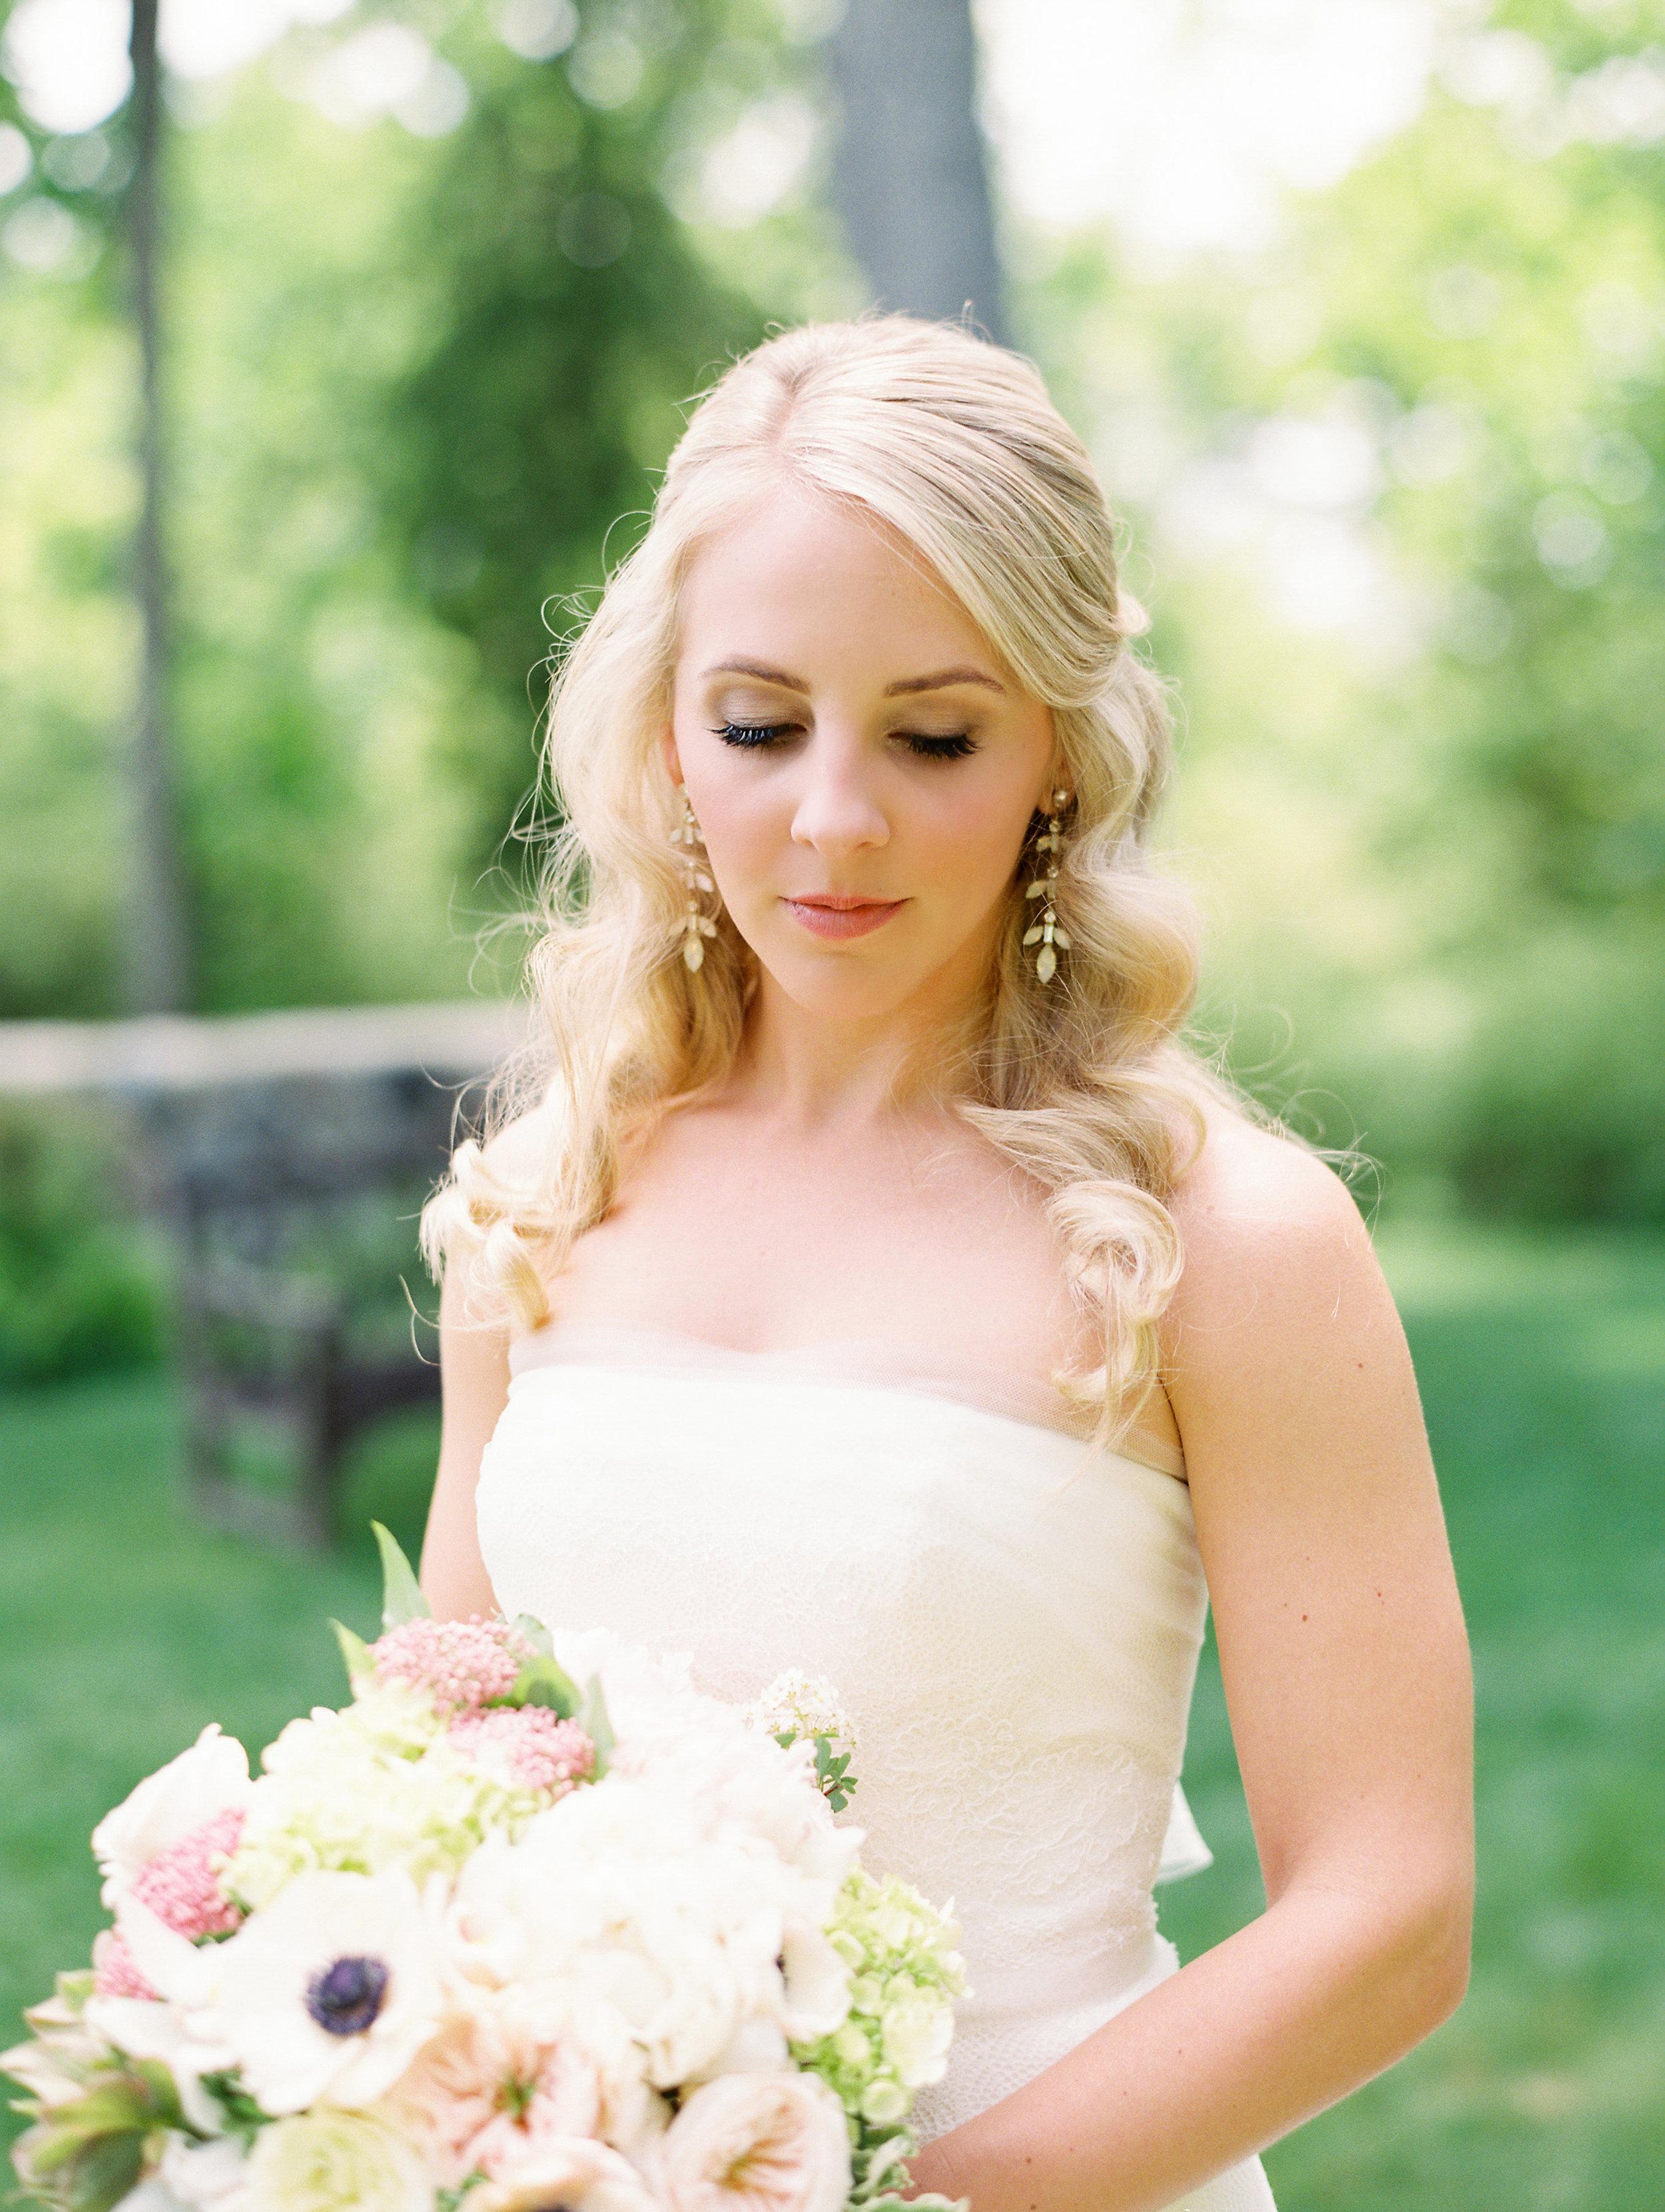 Coffman+Wedding+BrideGrooma-40.jpg